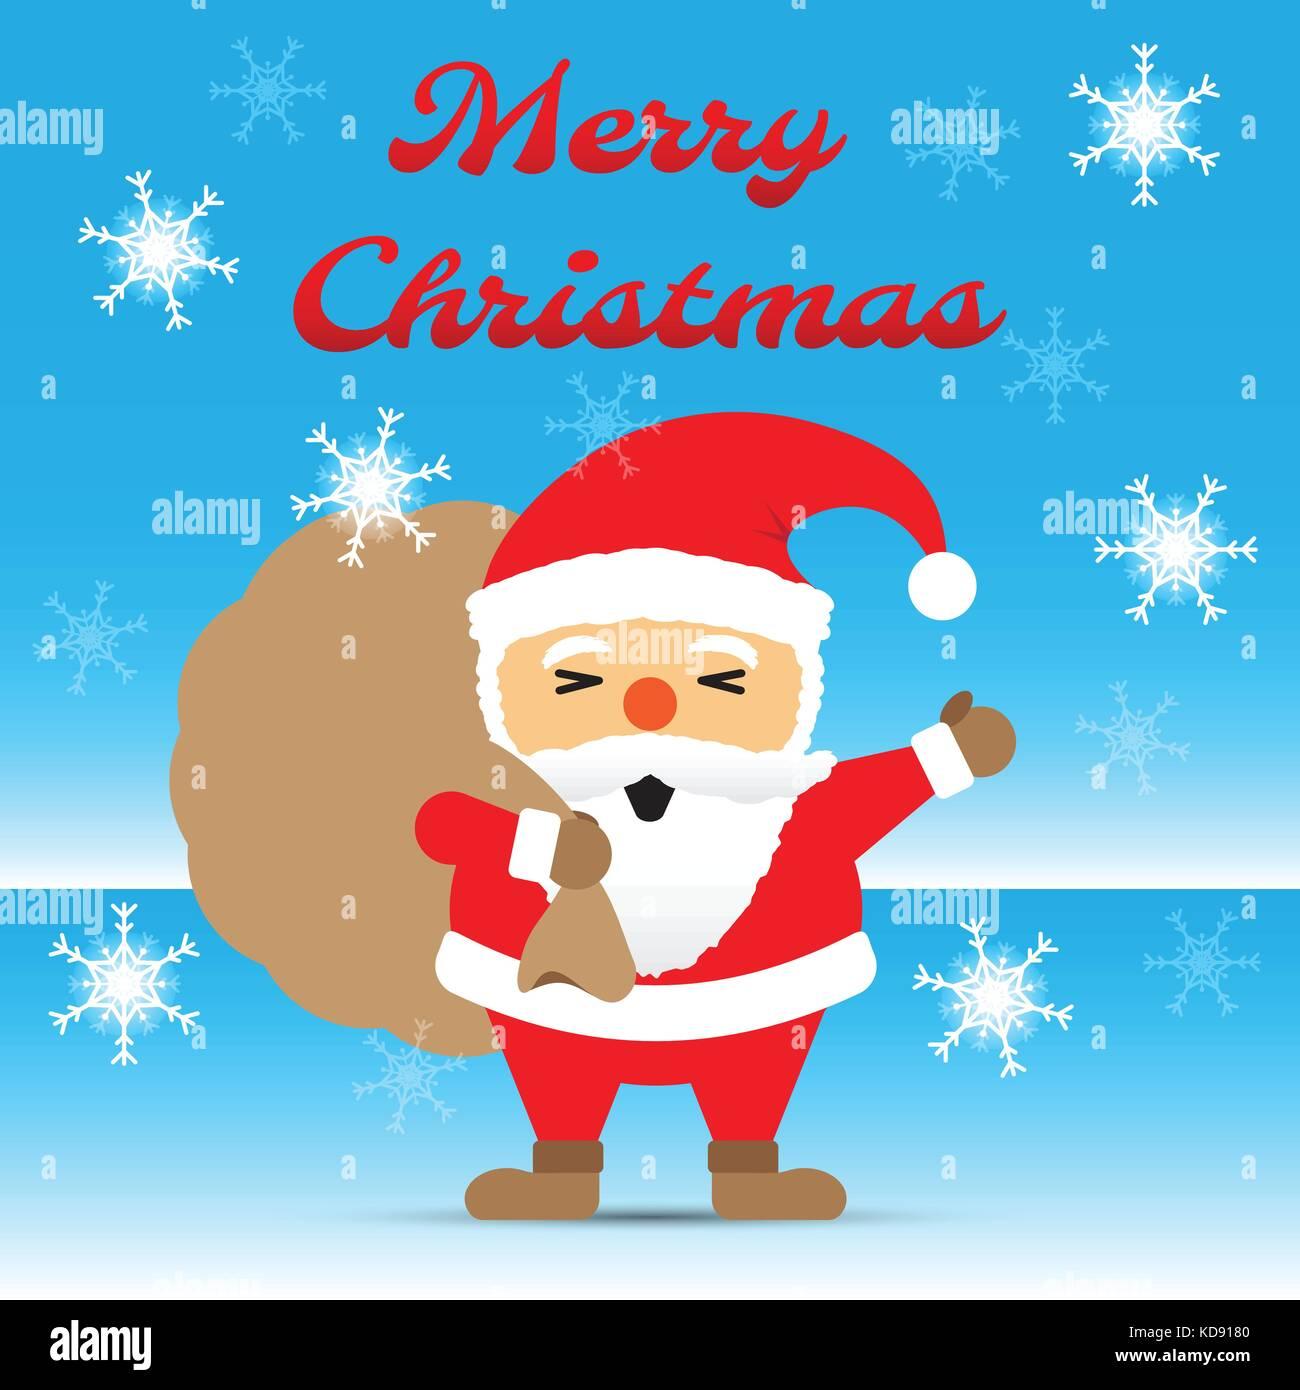 Frohe Weihnachten, chubby santa claus seine Hand winken und ein ...